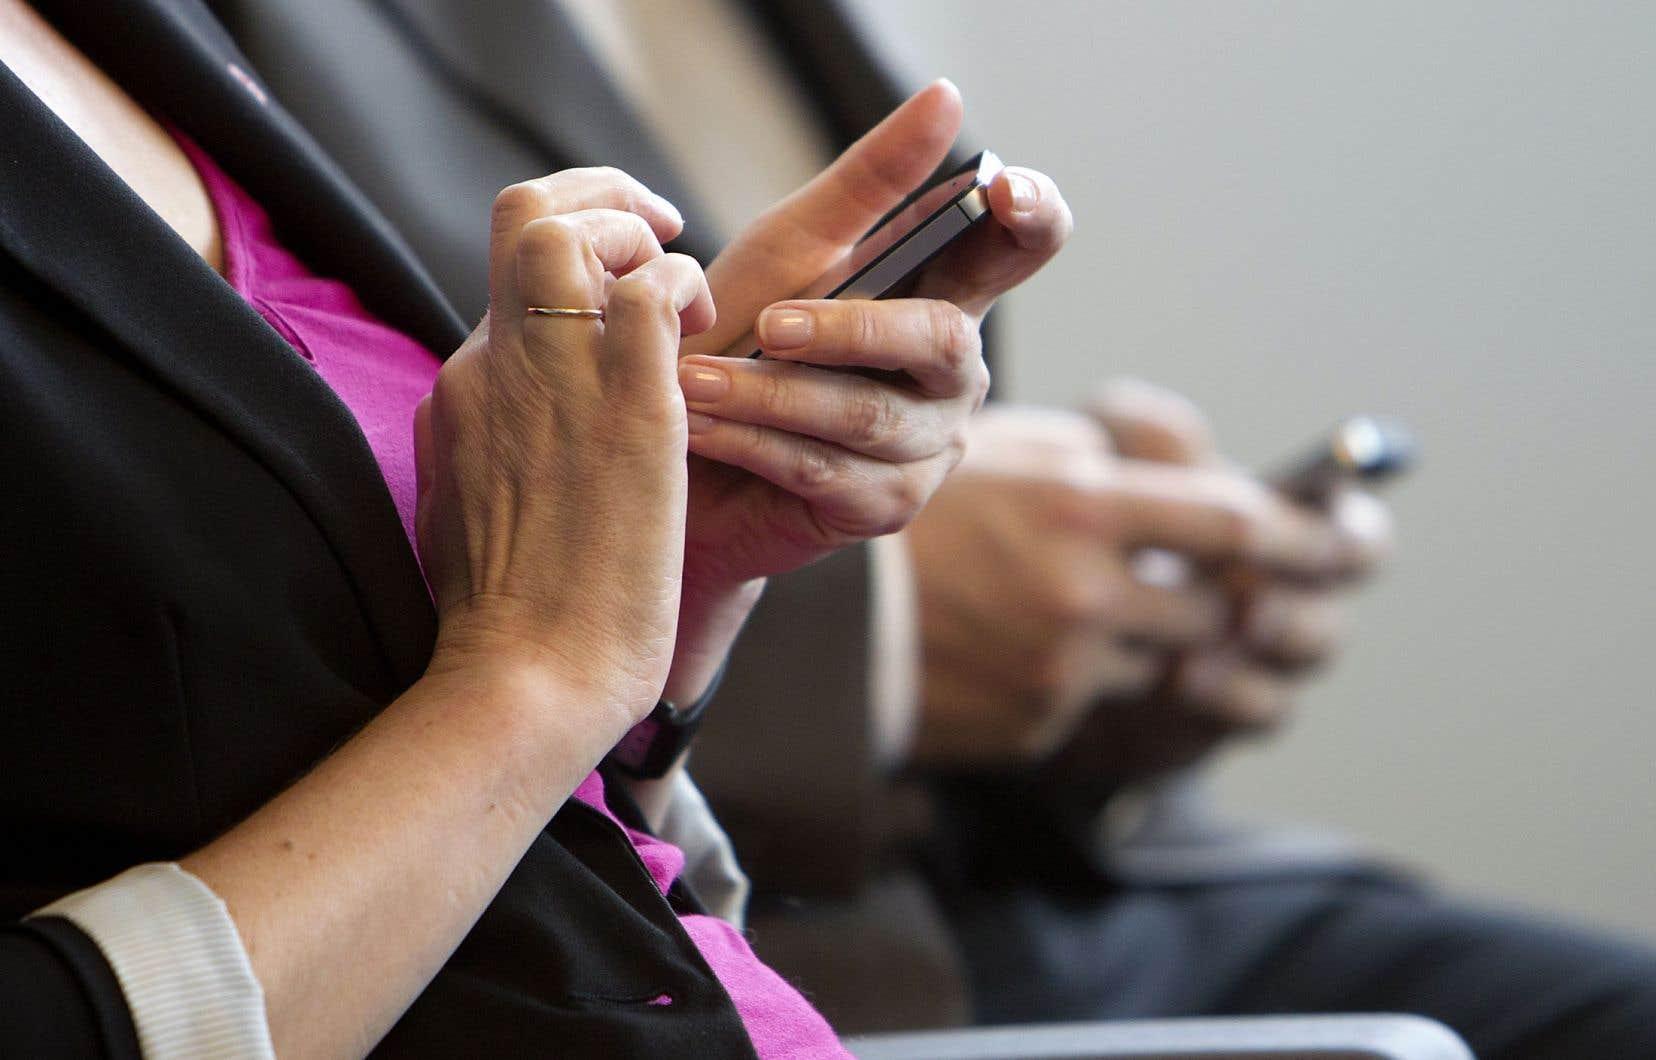 Le député libéral Marc Tanguay propose une nétiquette — un code de conduite sur la modération des pages des réseaux sociaux — qui pourrait être débattue, puis adoptée par les 125 députés de l'Assemblée nationale.